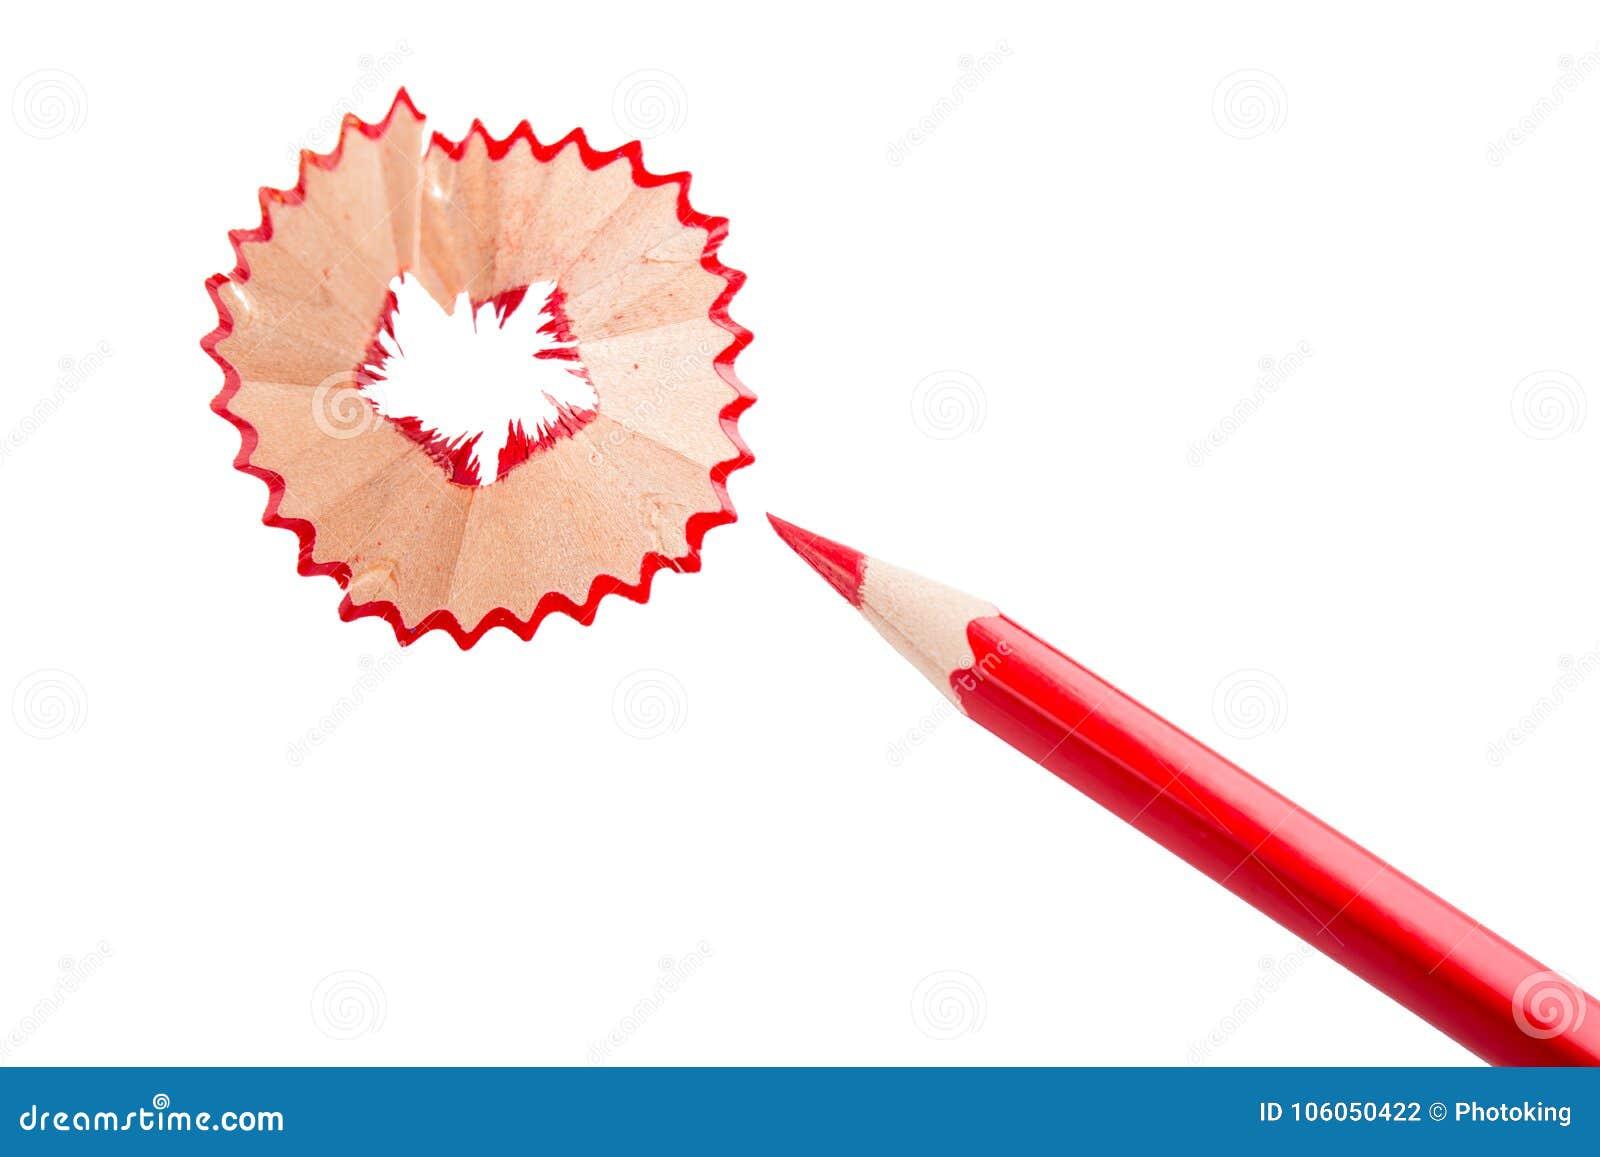 Ołówka czerwonego koloru